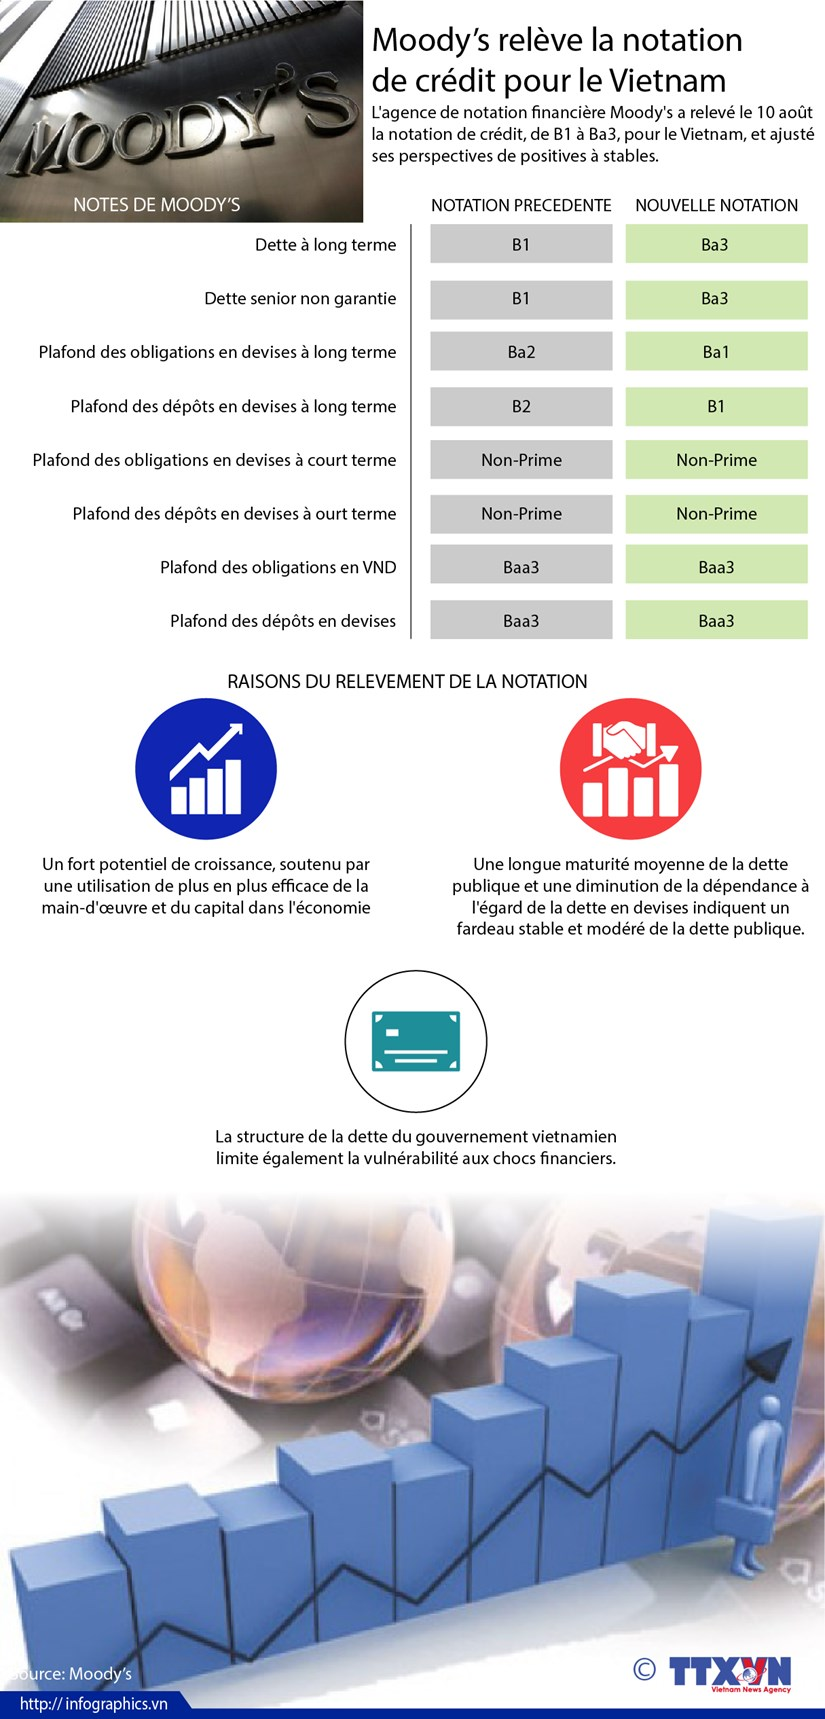 [Infographie] Moody's releve la notation de credit pour le Vietnam hinh anh 1